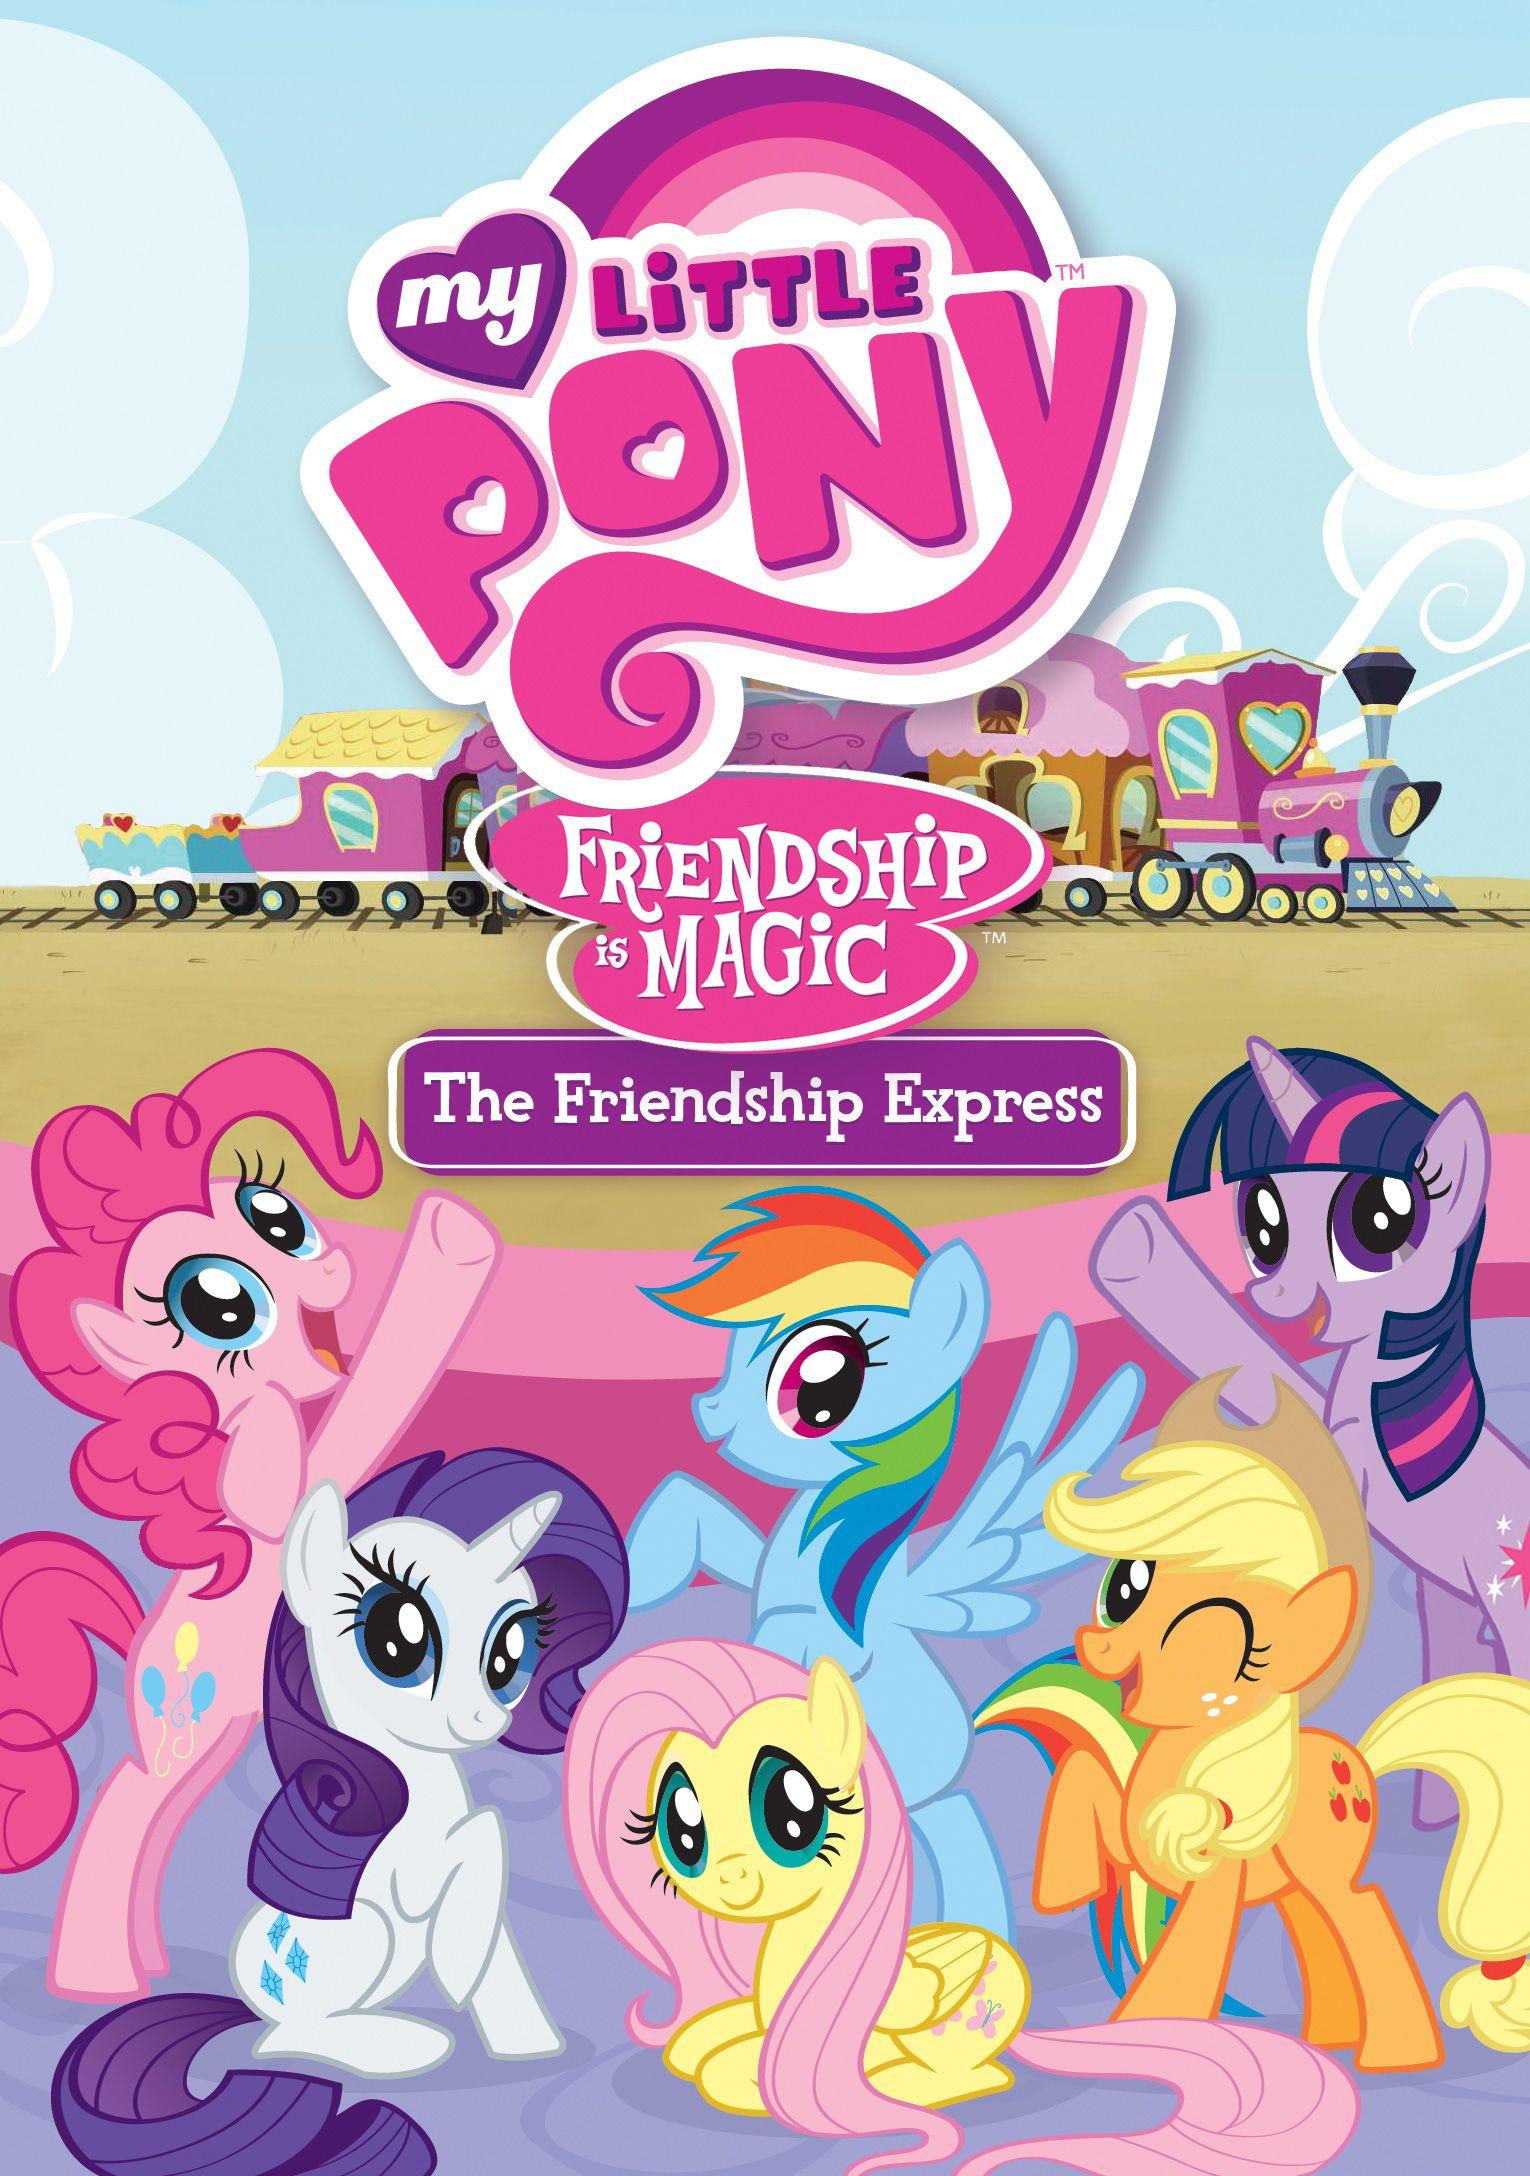 My little pony les amies c 39 est magique dessin anim 2010 - My little pony dessin anime ...